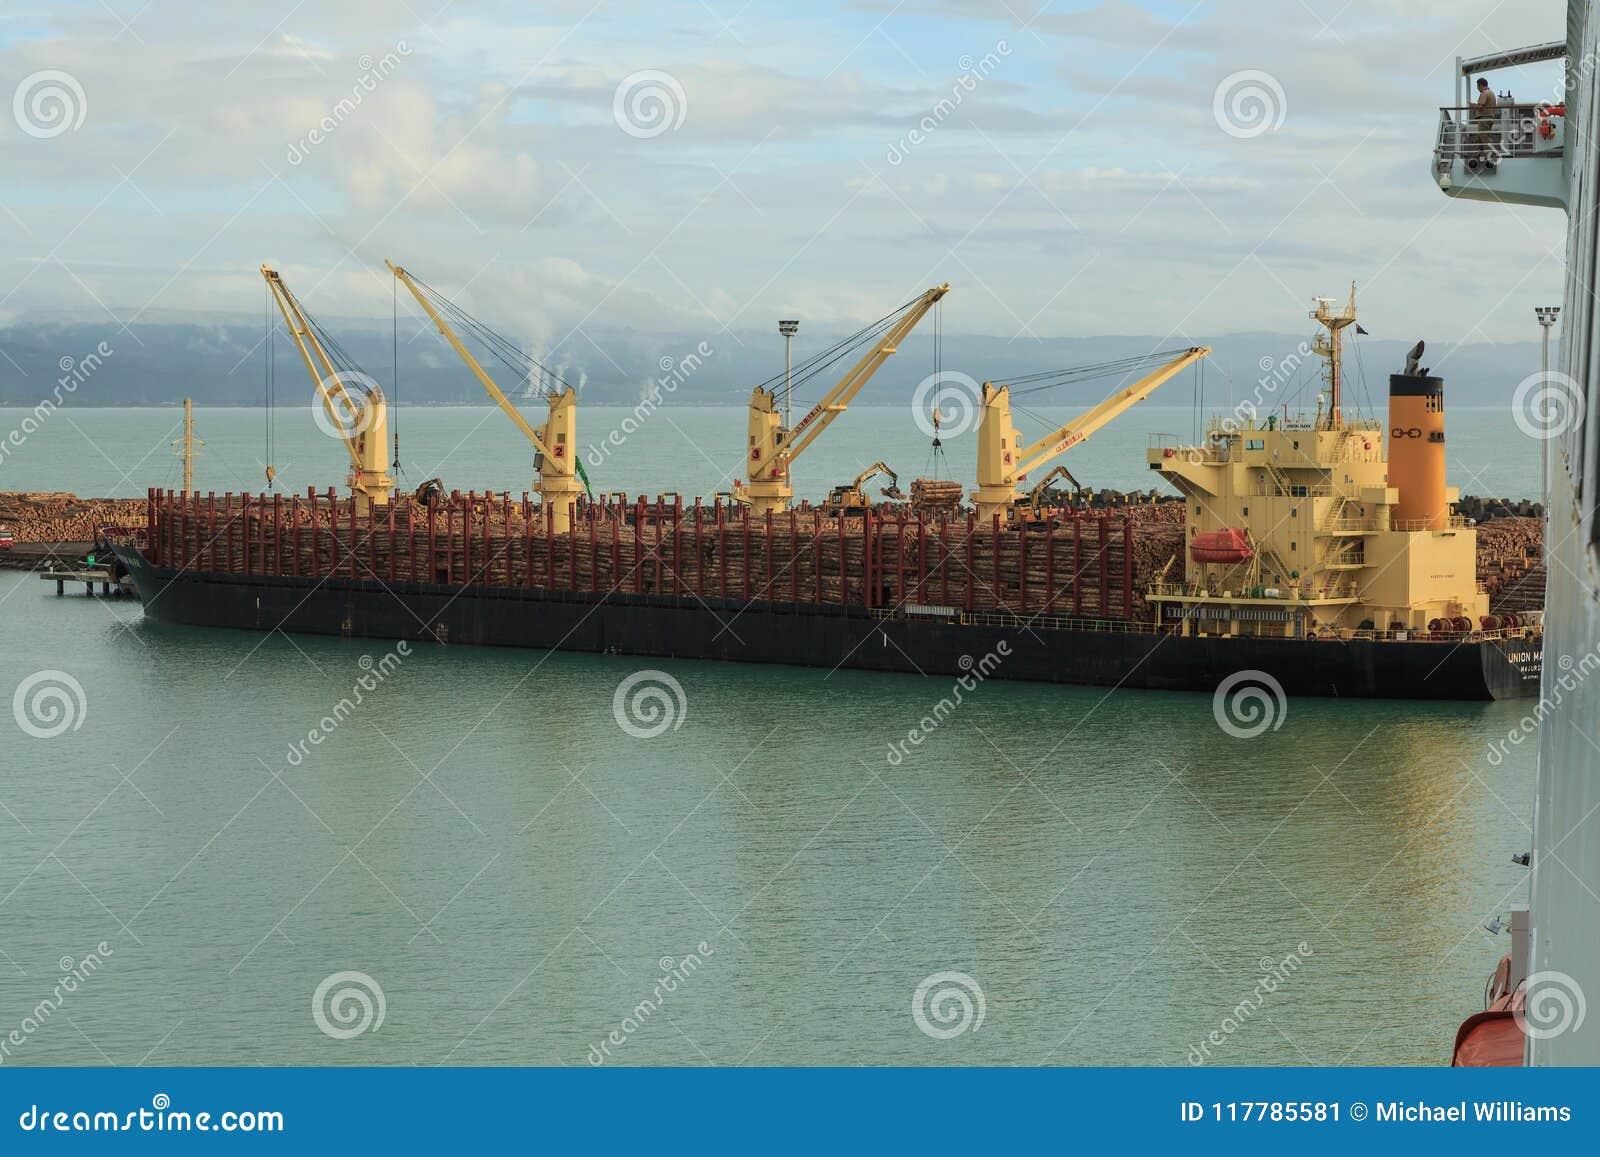 Ett skepp för bärare i stora partier som tar på en stor last av journaler